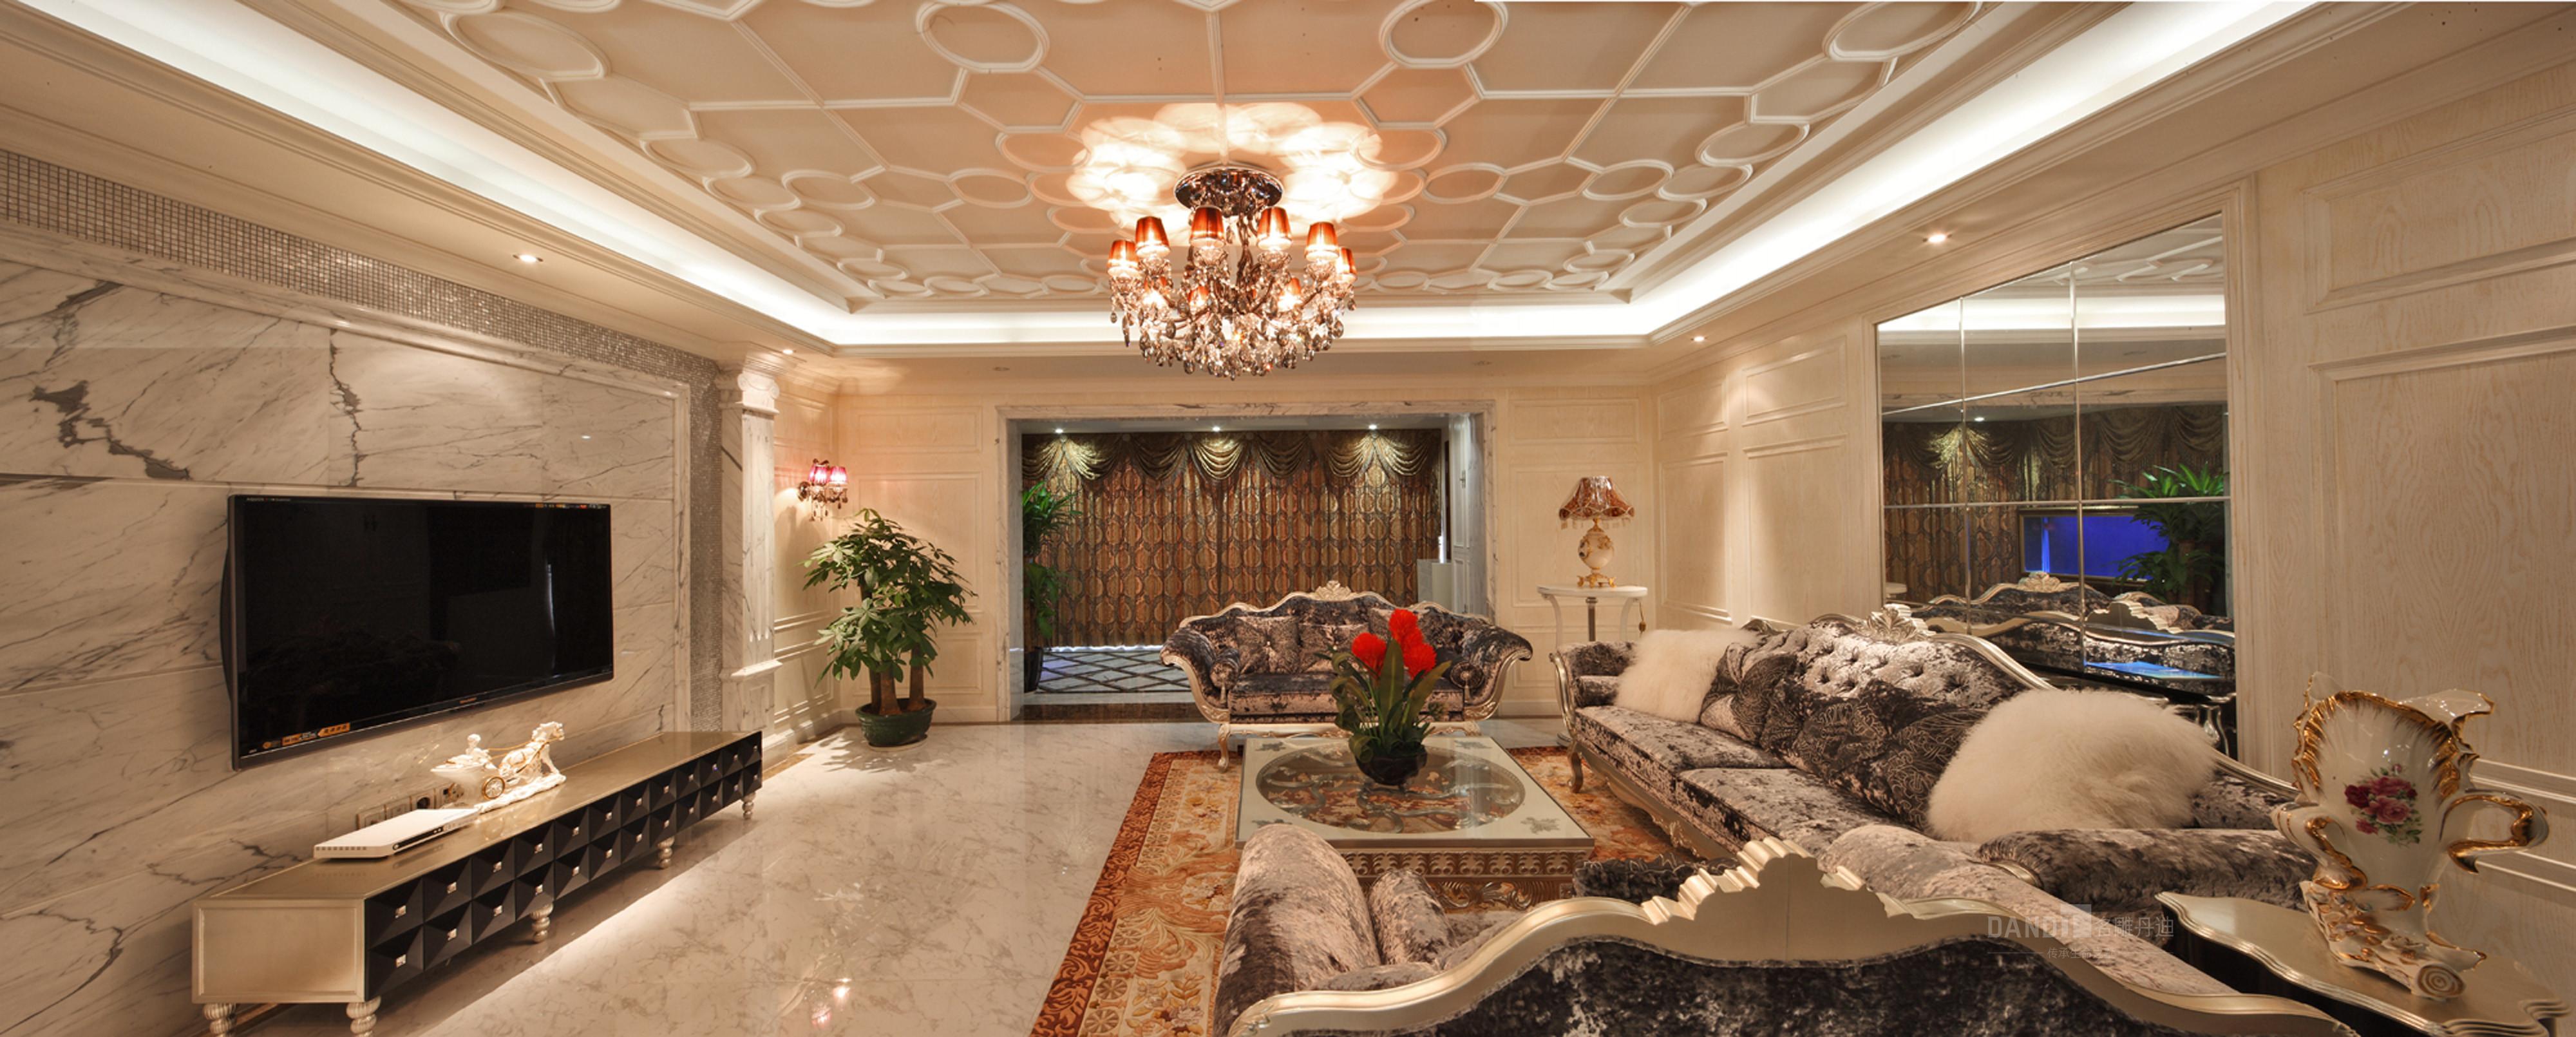 客厅图片来自名雕丹迪在纯水岸联排别墅新古典装装修的分享